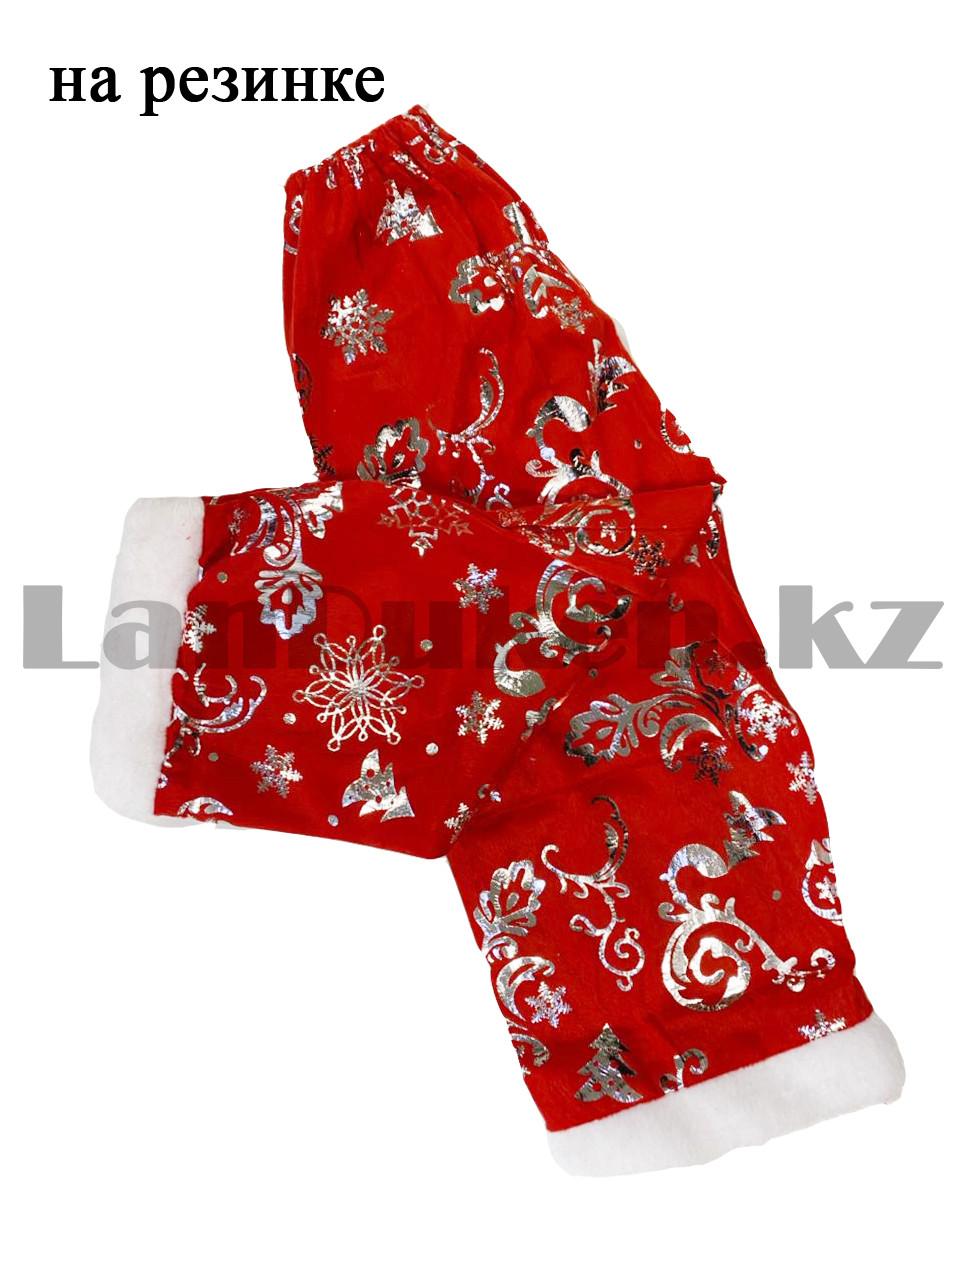 Костюм детский карнавальный раздельный Санты Клауса Santa Claus с узором - фото 3